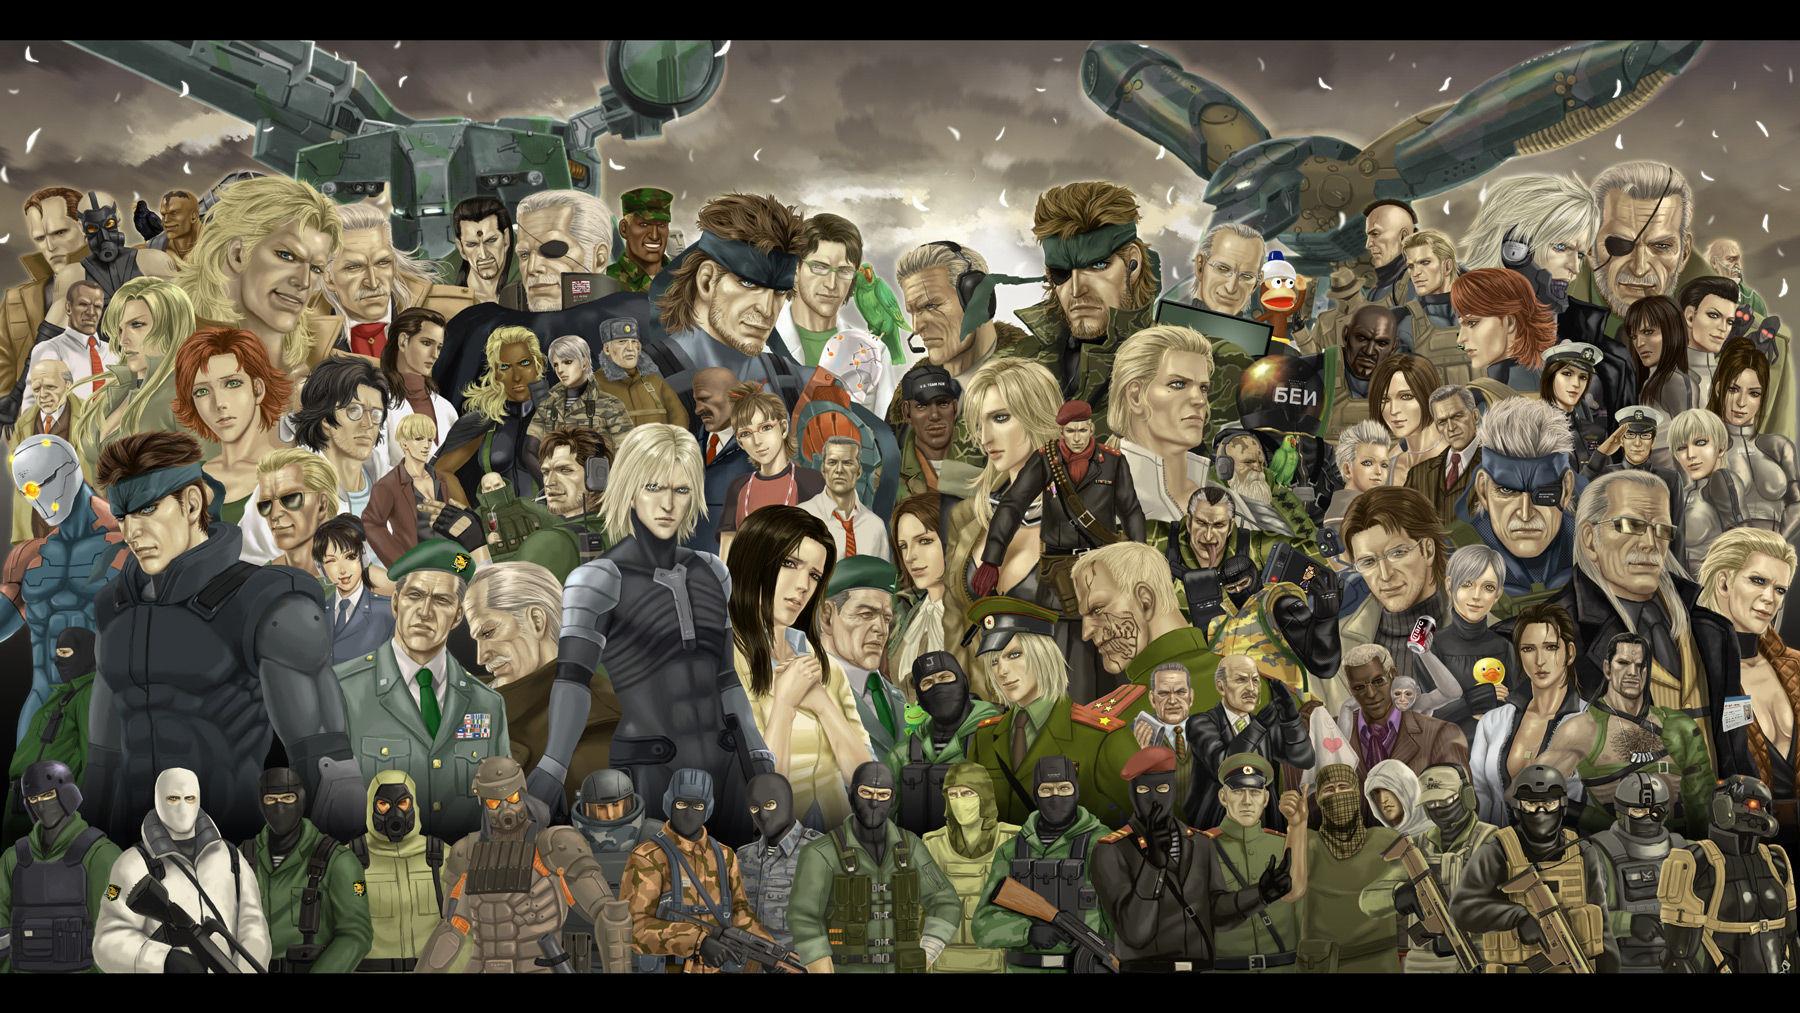 ¿Cuántos personajes son jugables en toda la saga canon?